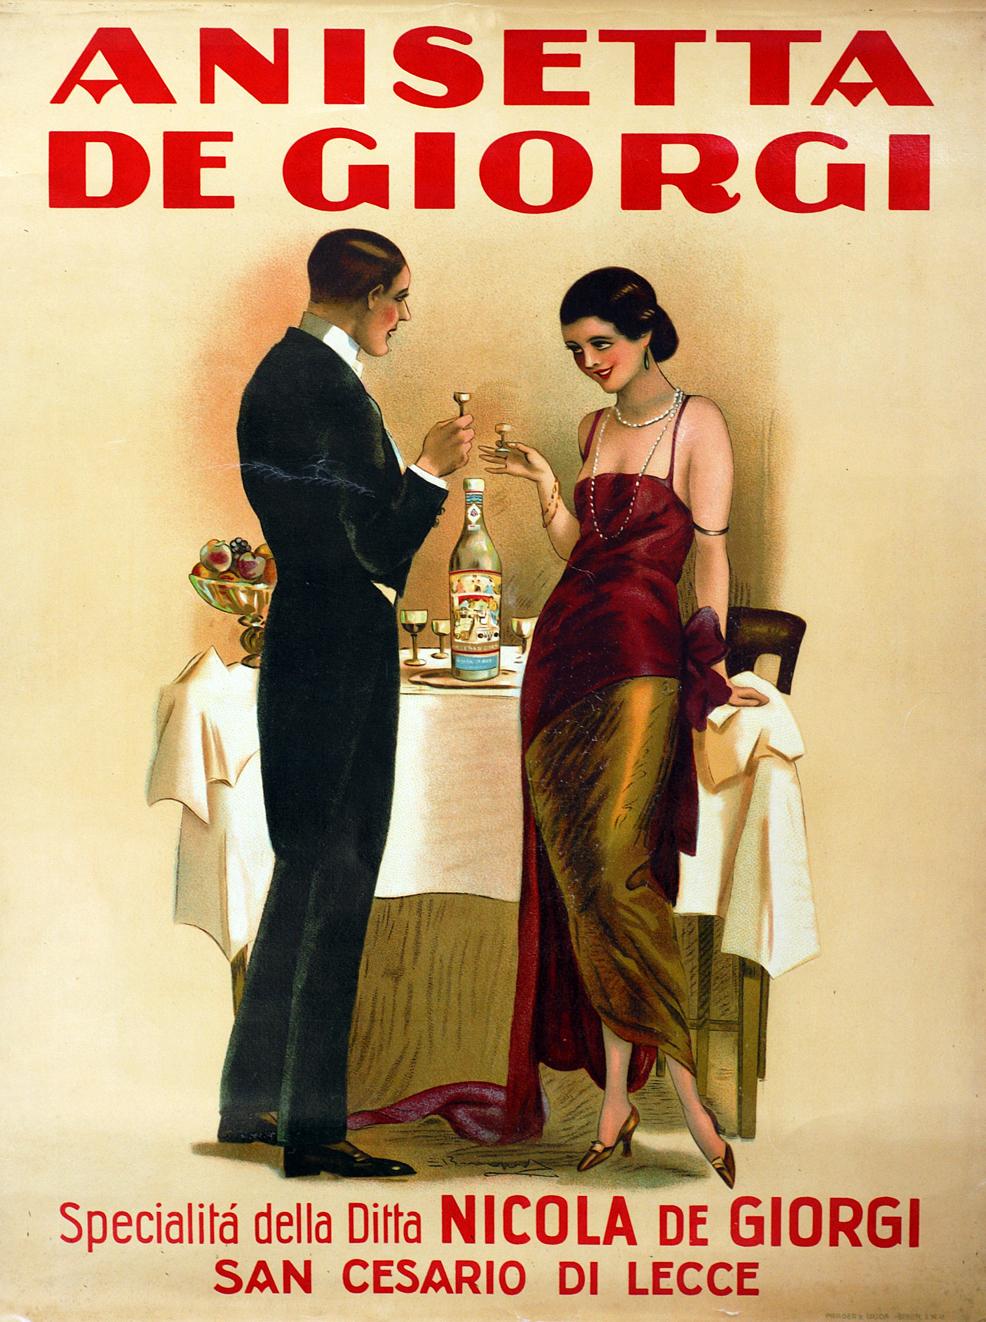 Il Brevetto della Real Casa per il liquore Anisetta De Giorgi